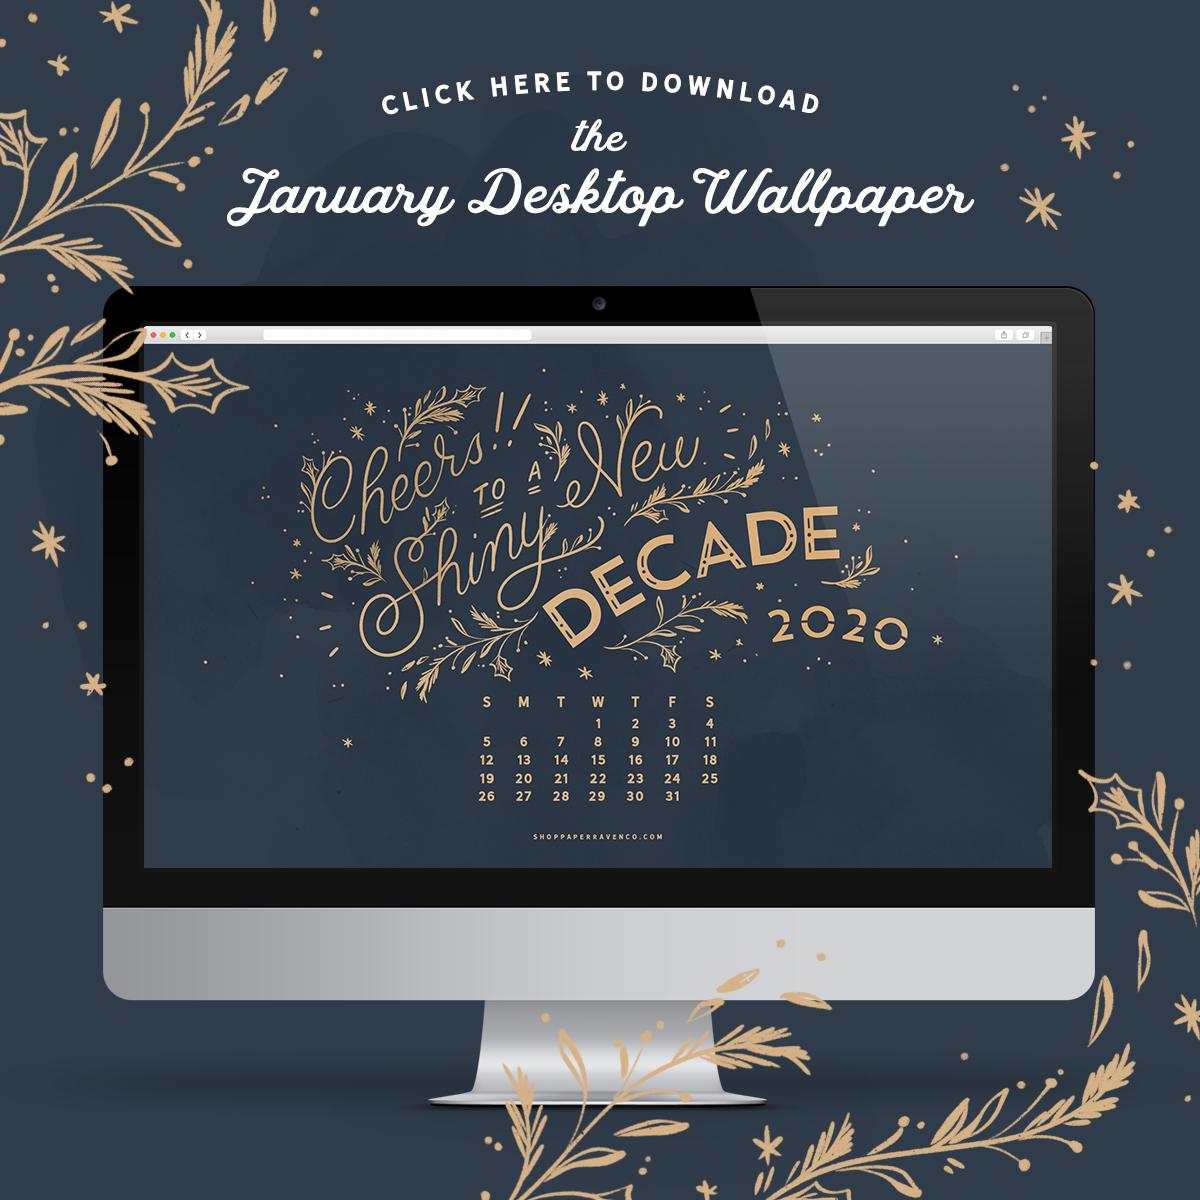 January 2020 Desktop Wallpaper Paper Raven Co 1200x1200